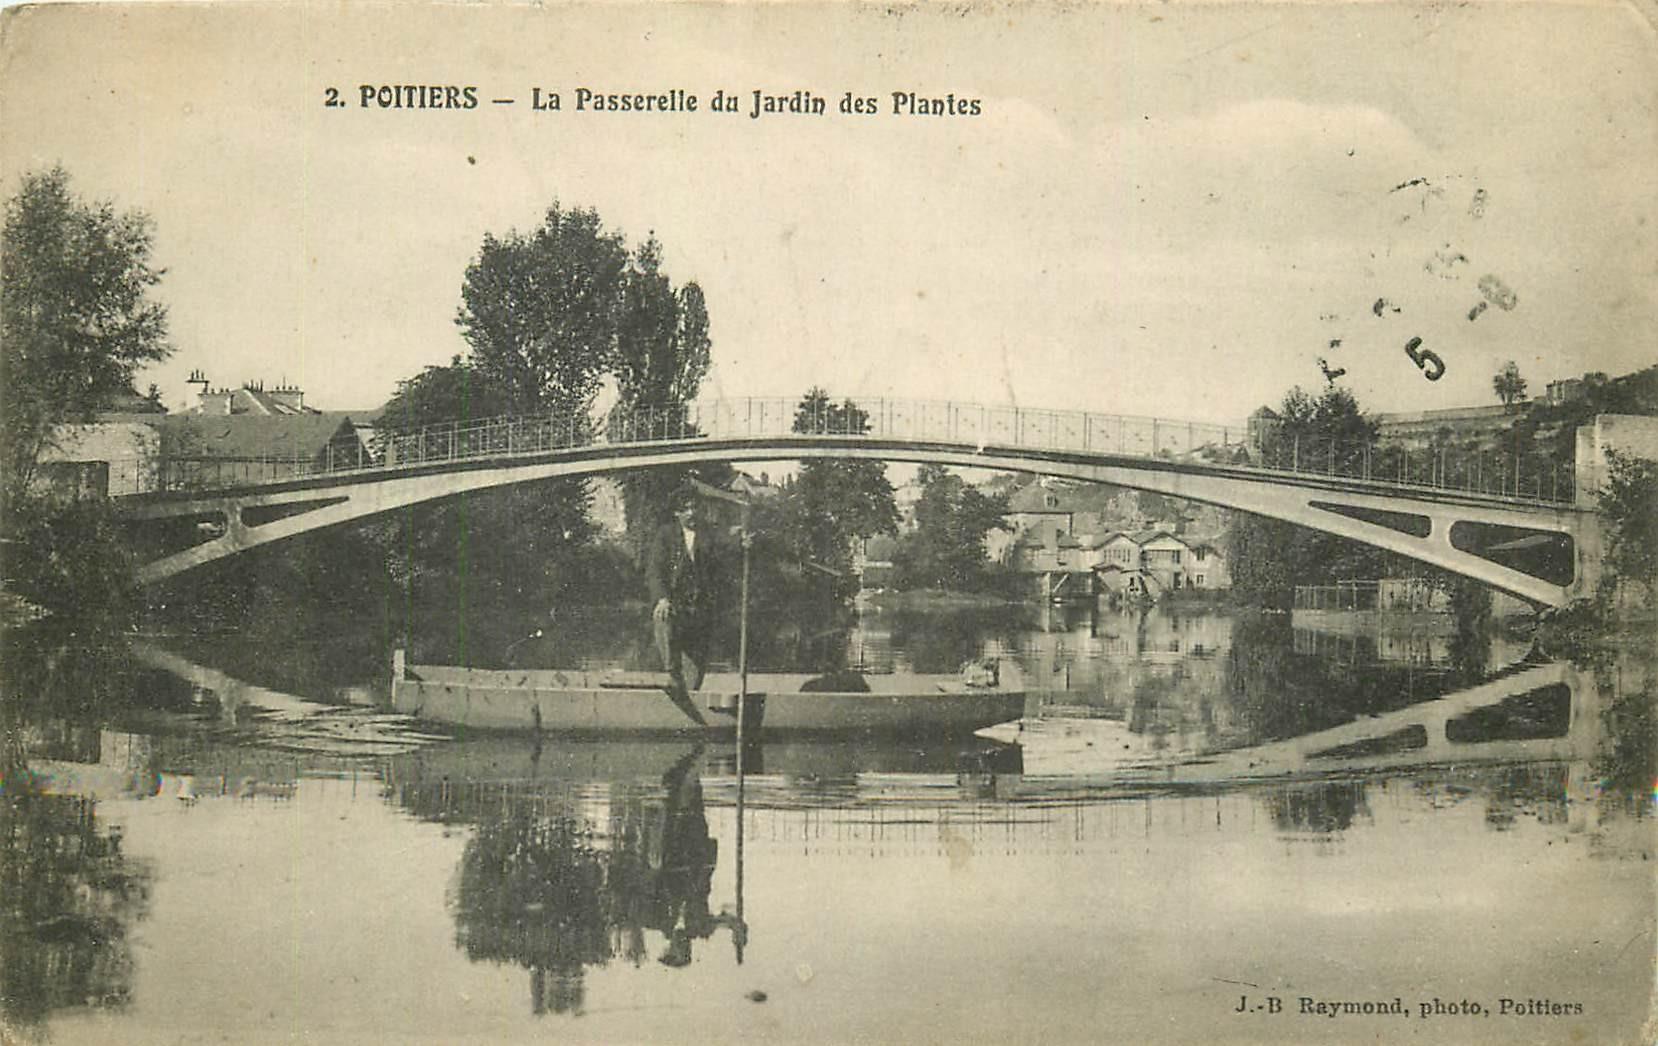 86 POITIERS. Passerelle du Jardin des Plantes avec Passeur en barge